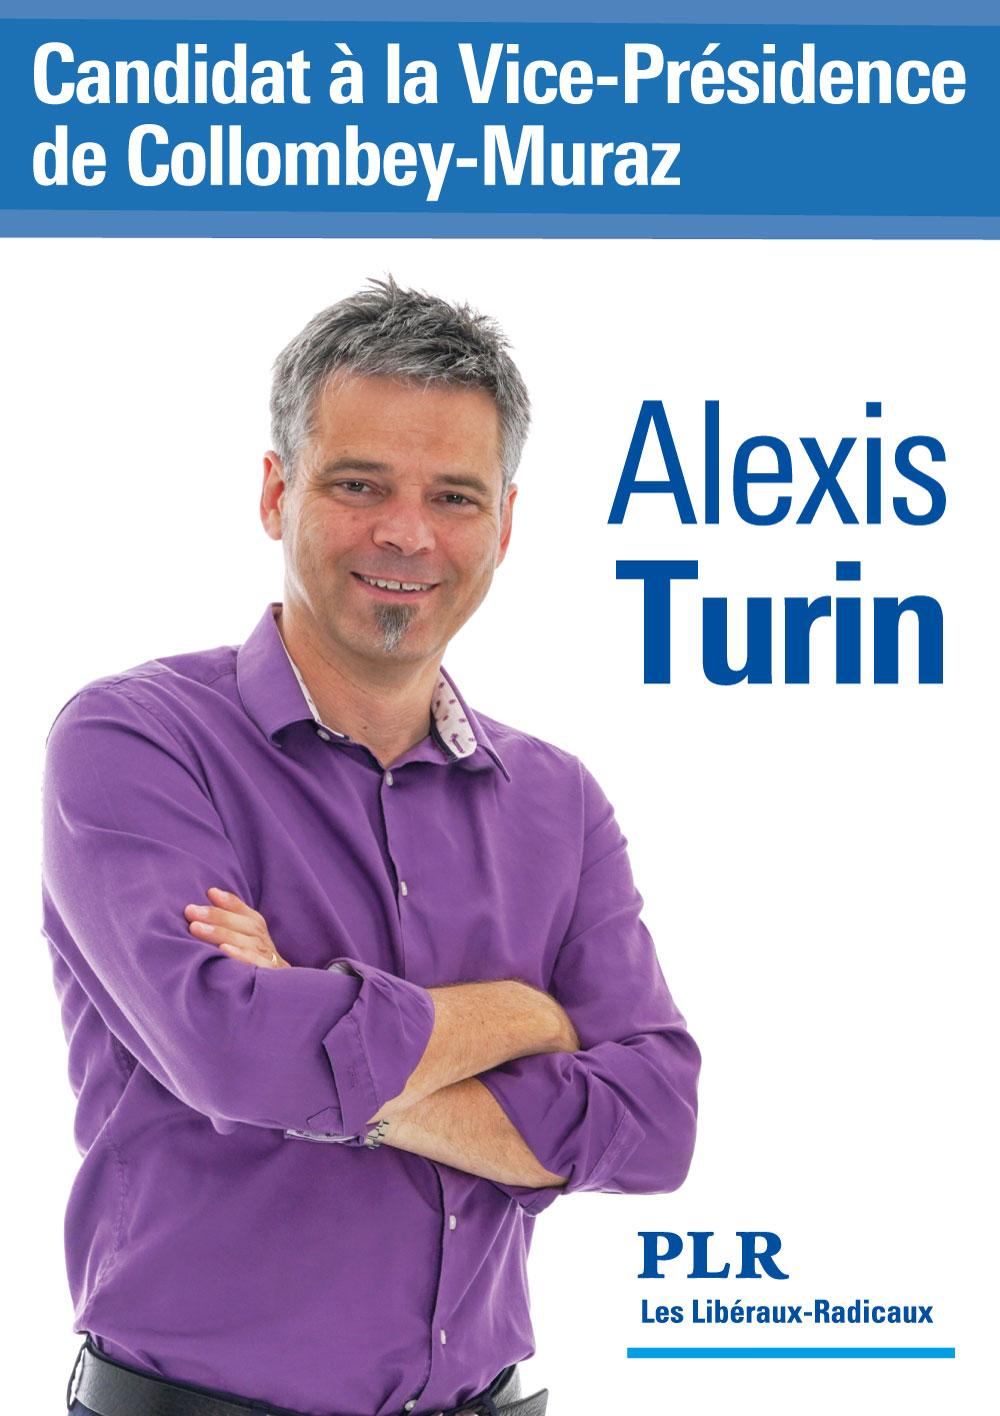 Alexis Turin